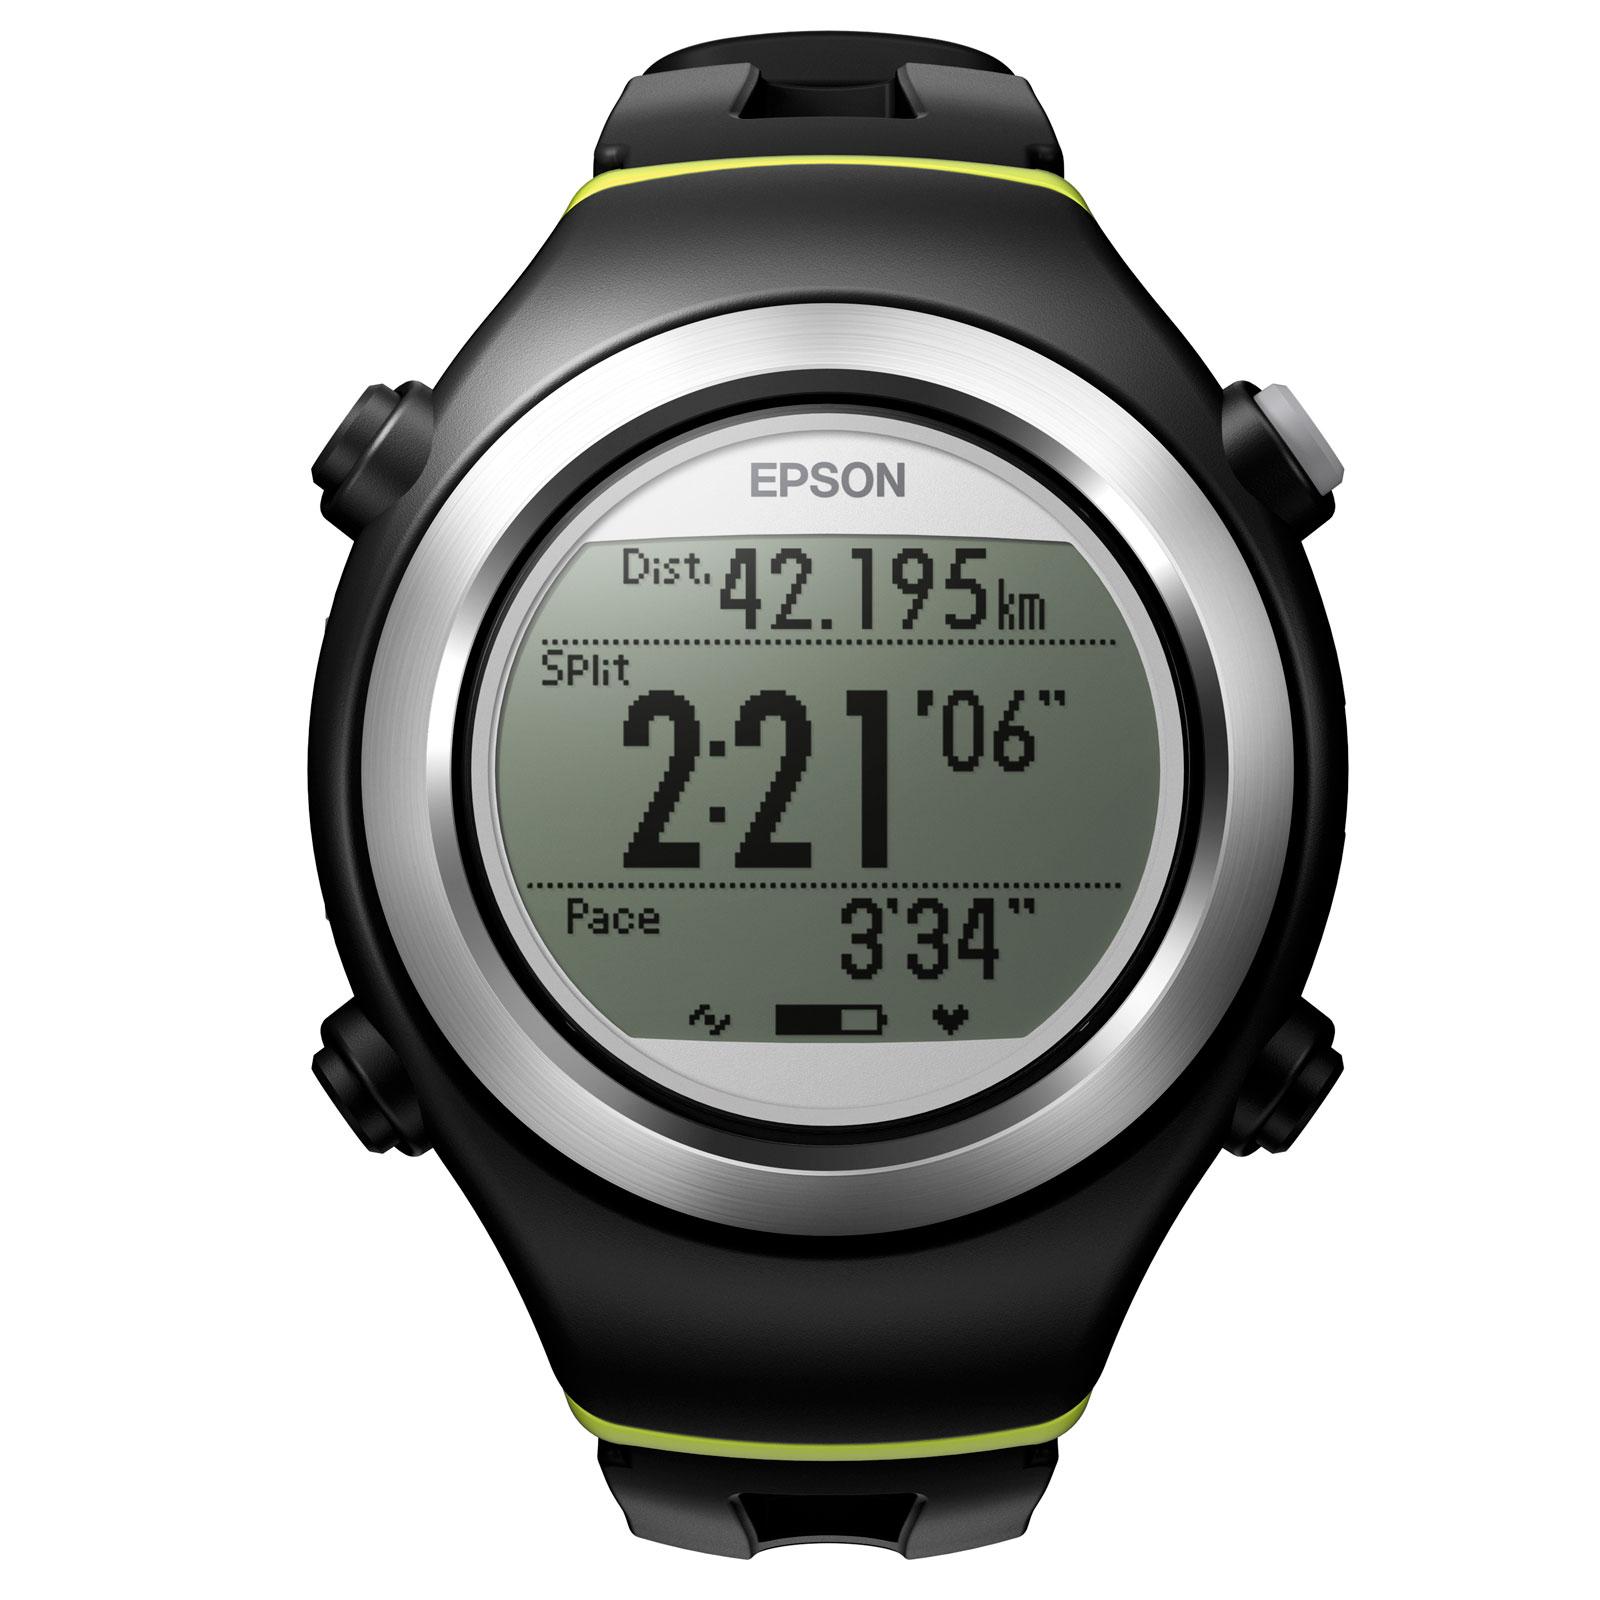 Montre running Epson Runsense SF-310 Noir Montre GPS running étanche